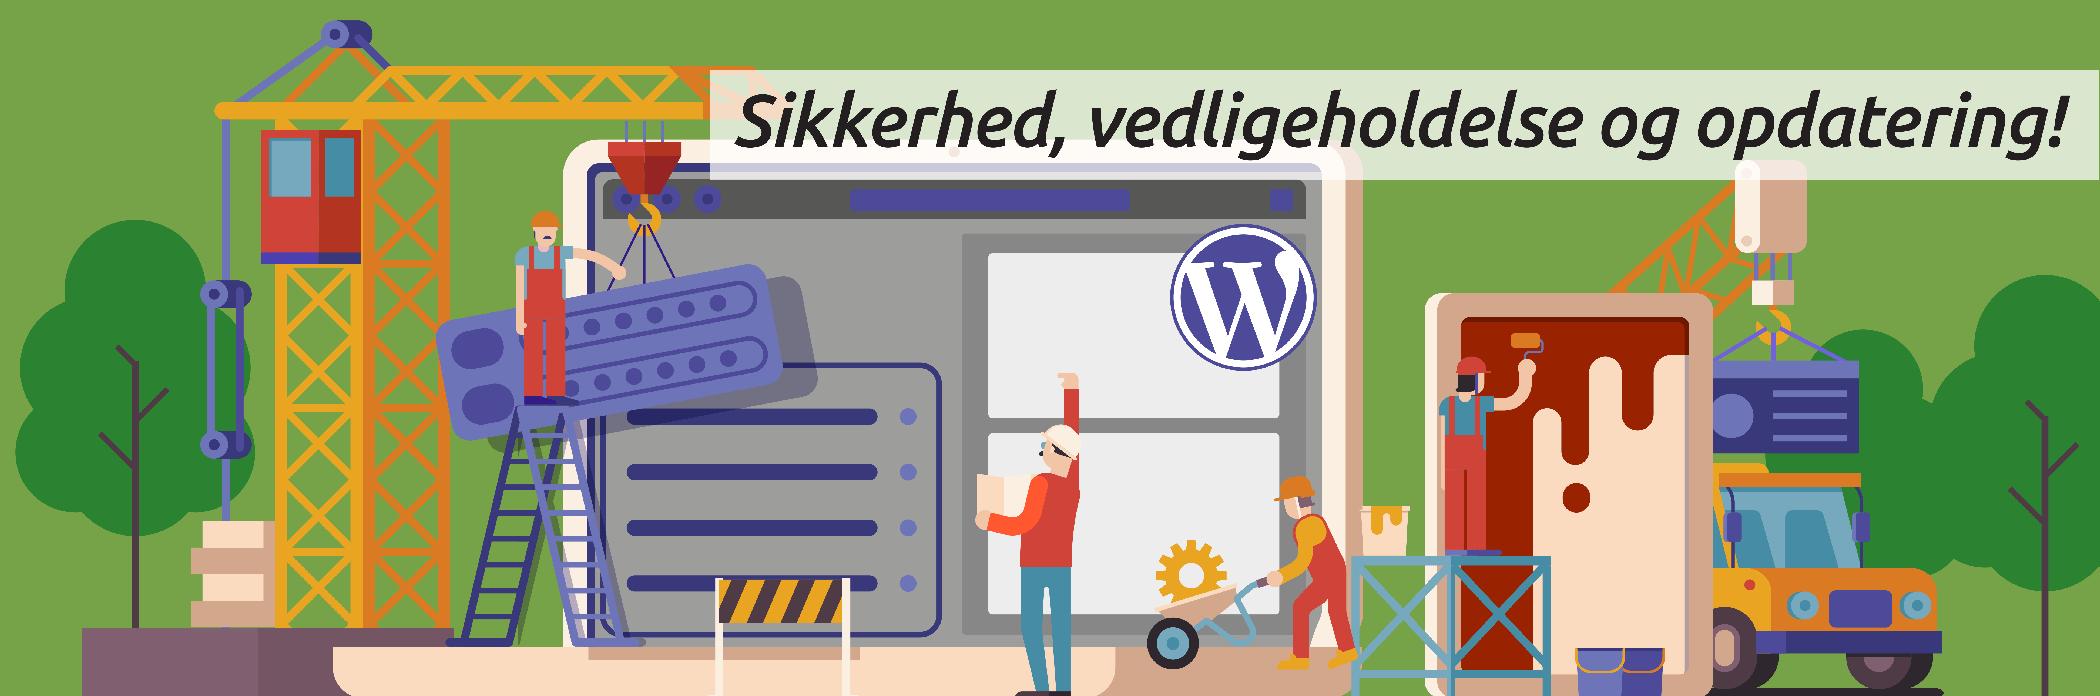 Opdatering af Wordpress website